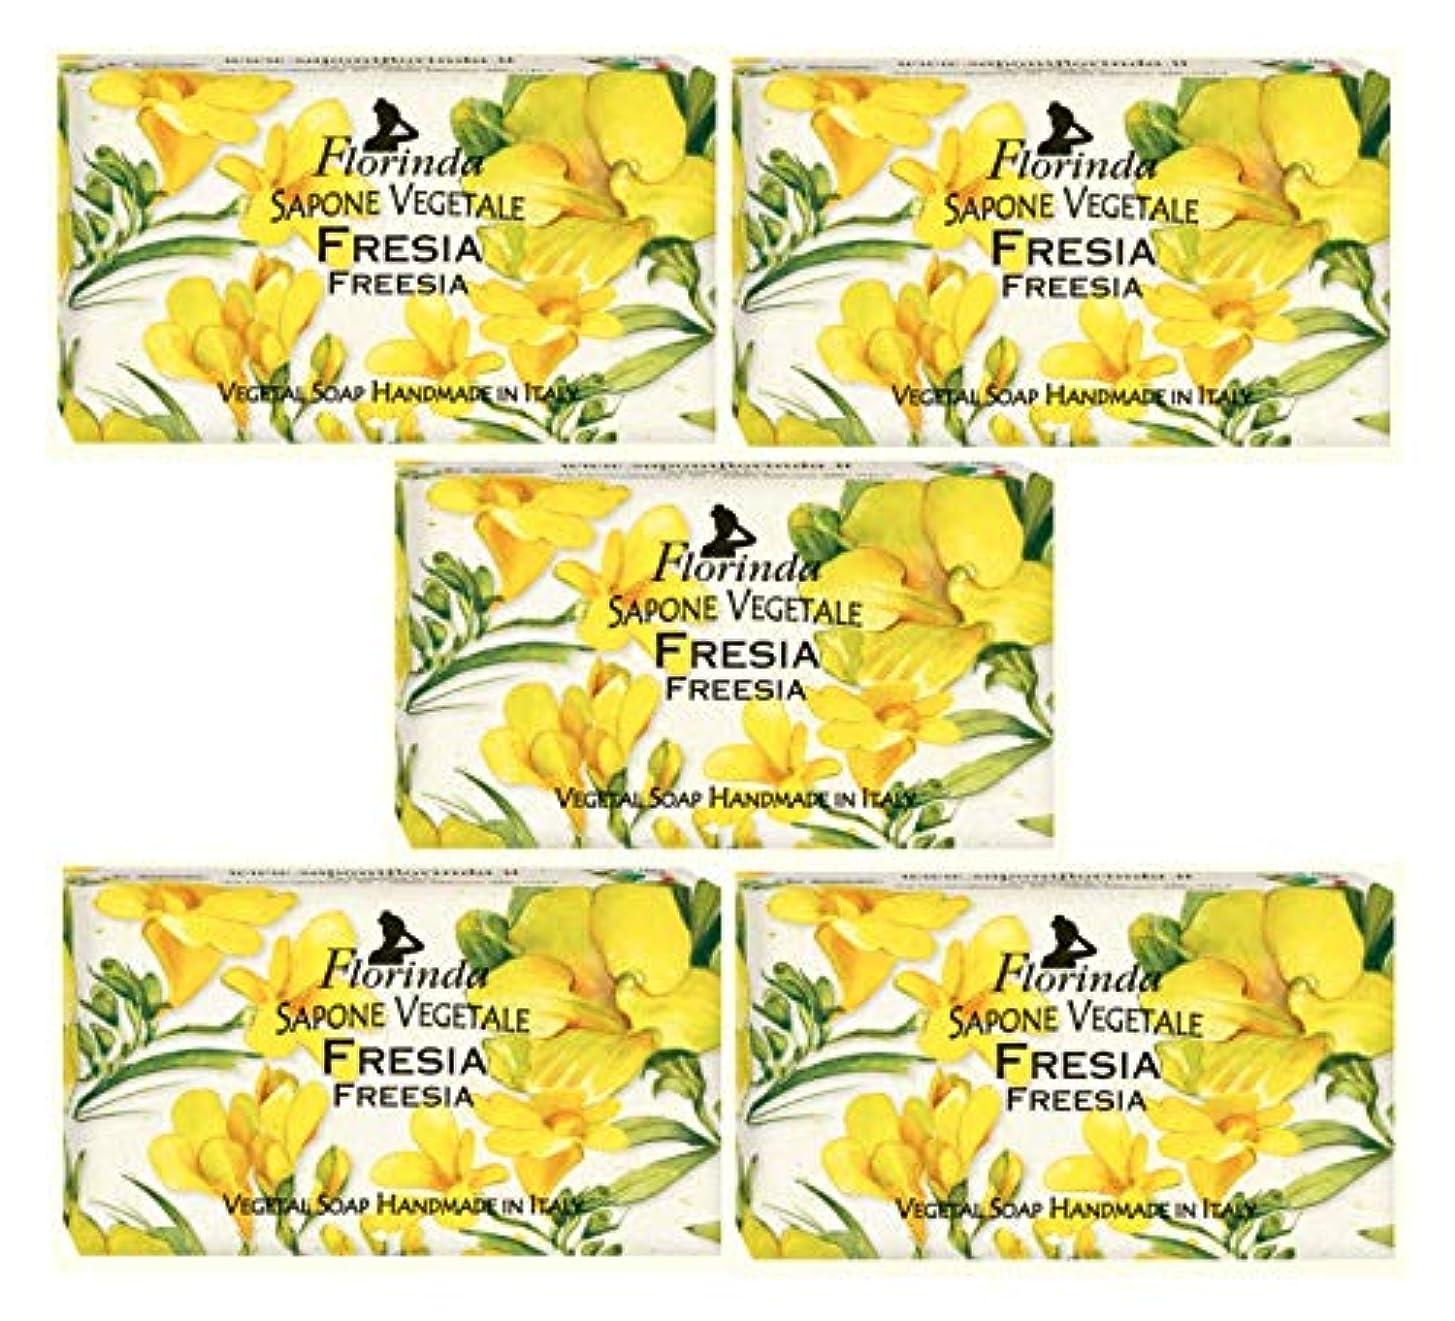 力巧みなインテリアフロリンダ フレグランスソープ 固形石けん 花の香り フリージア 95g×5個セット